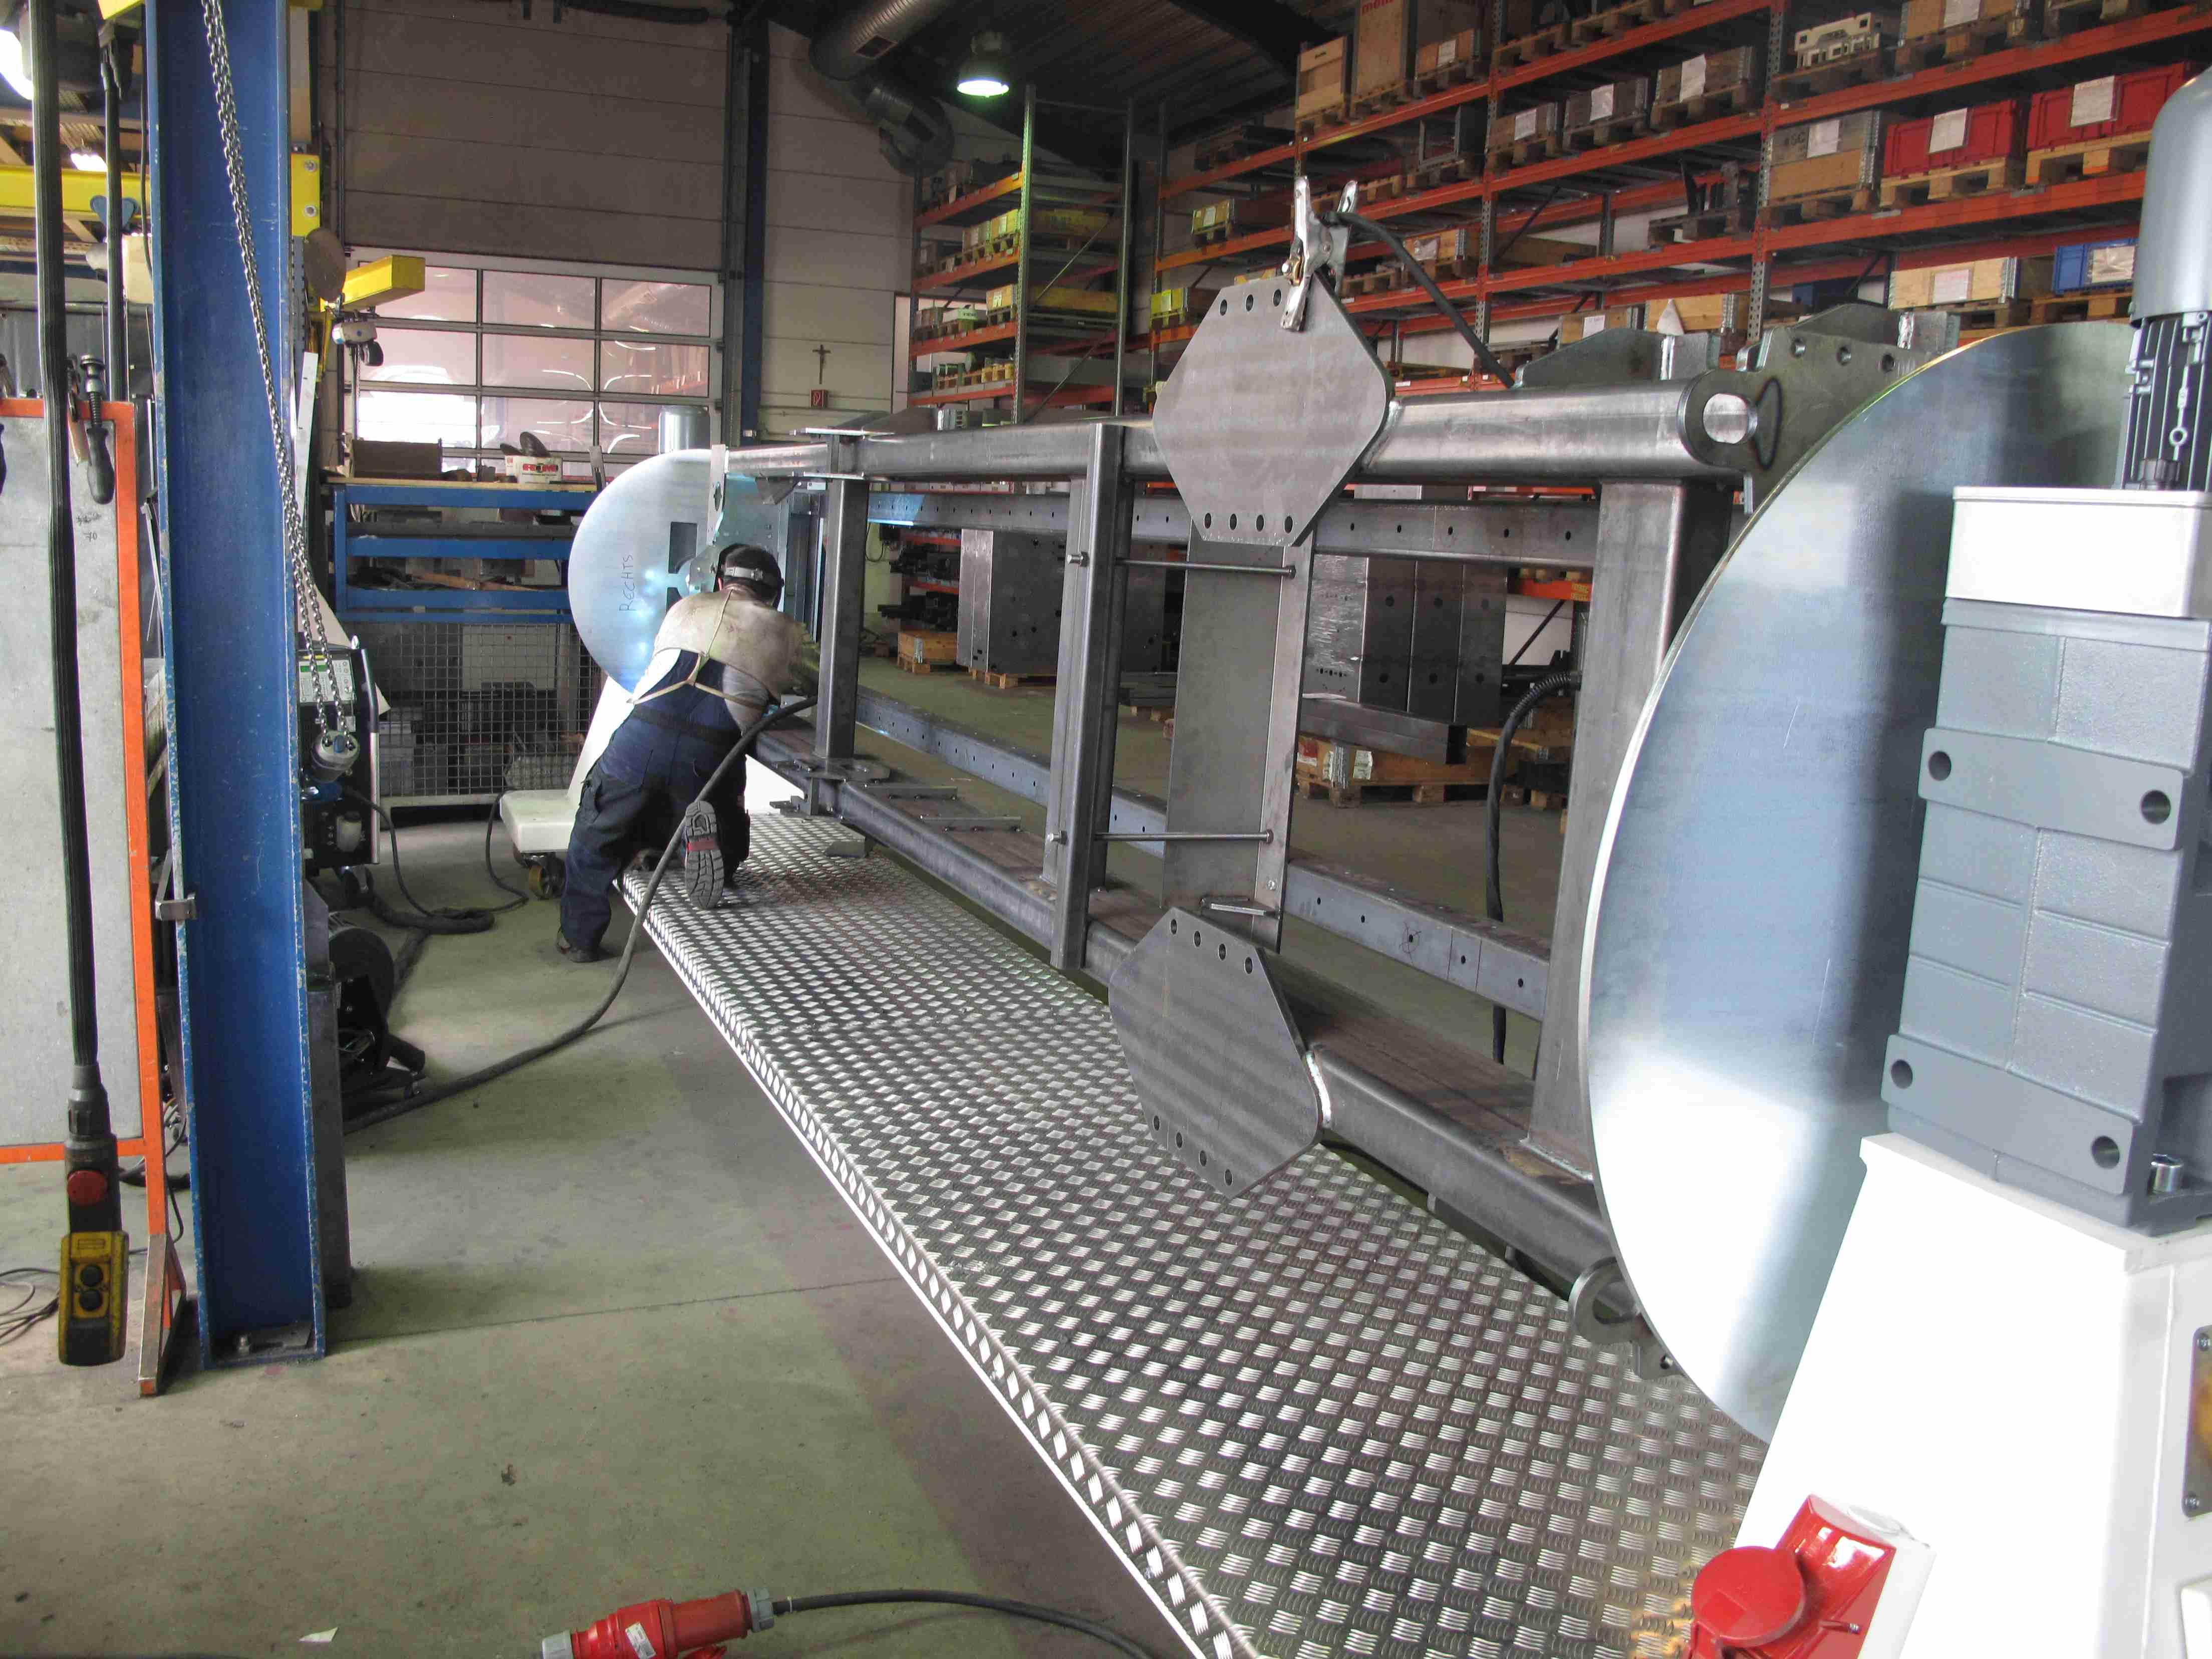 HIEBER Ideen aus Stahl Abkantteile